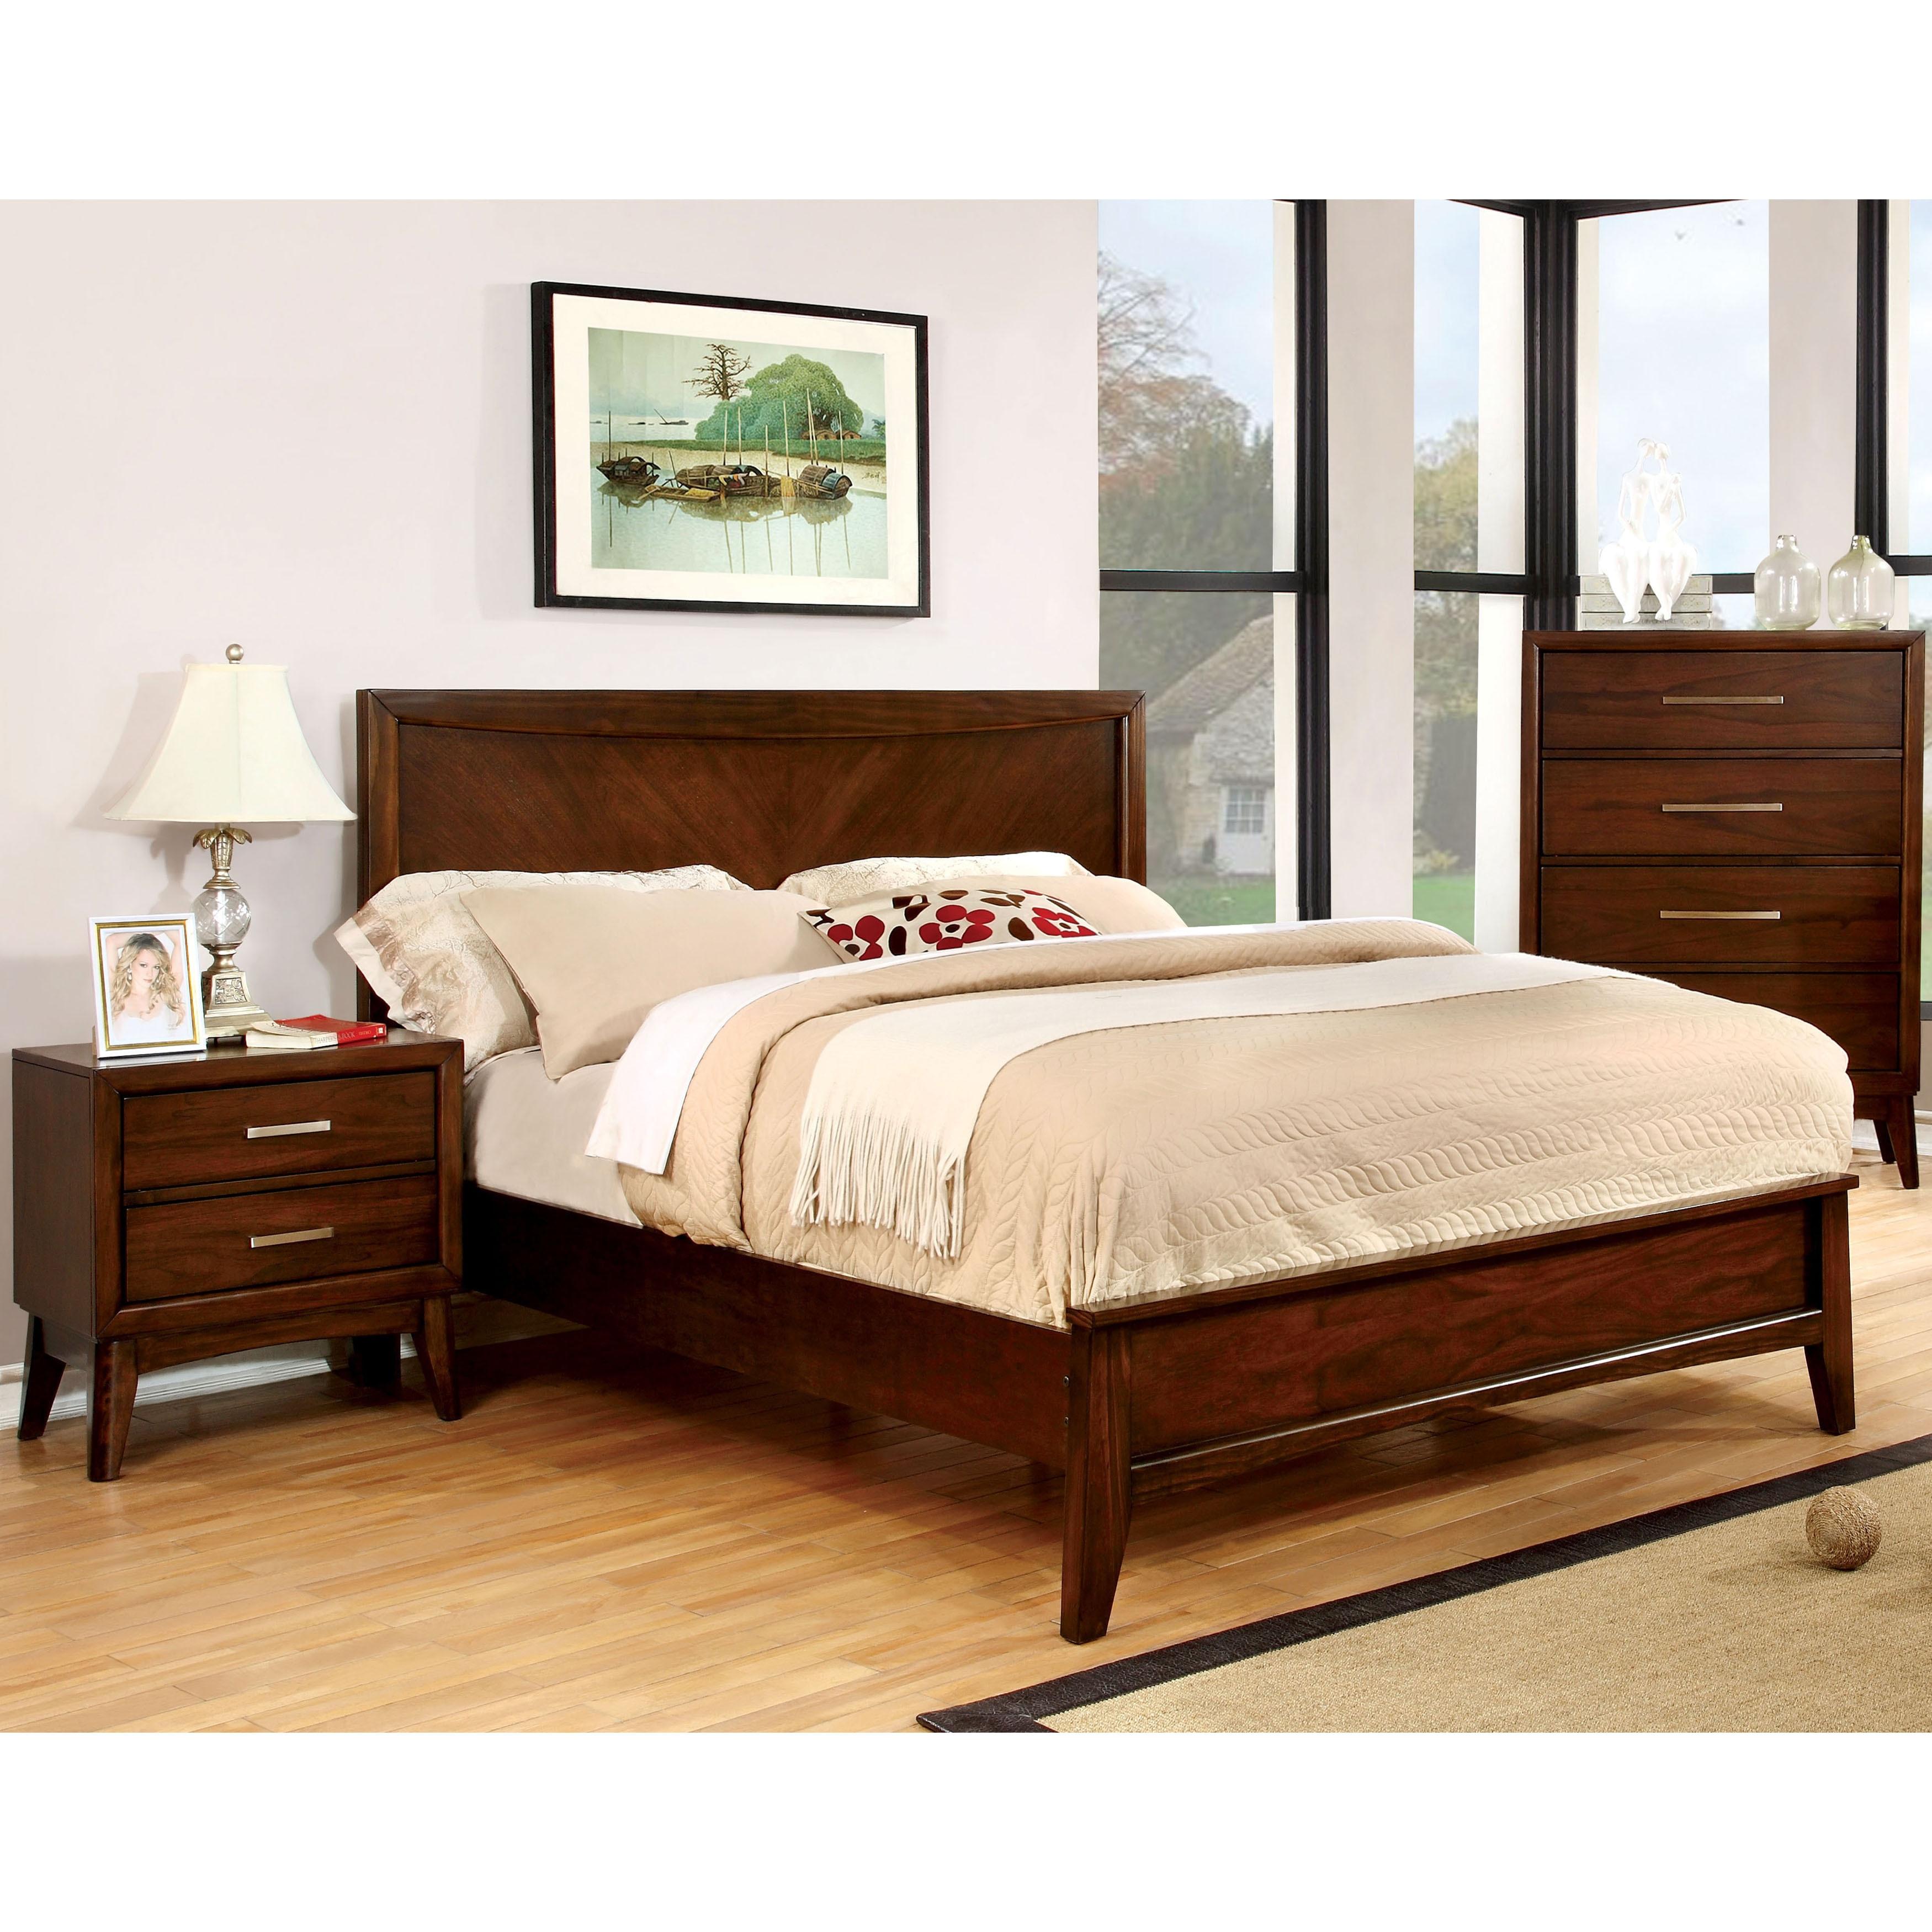 Shop Furniture Of America Kasten Modern 2-piece Brown